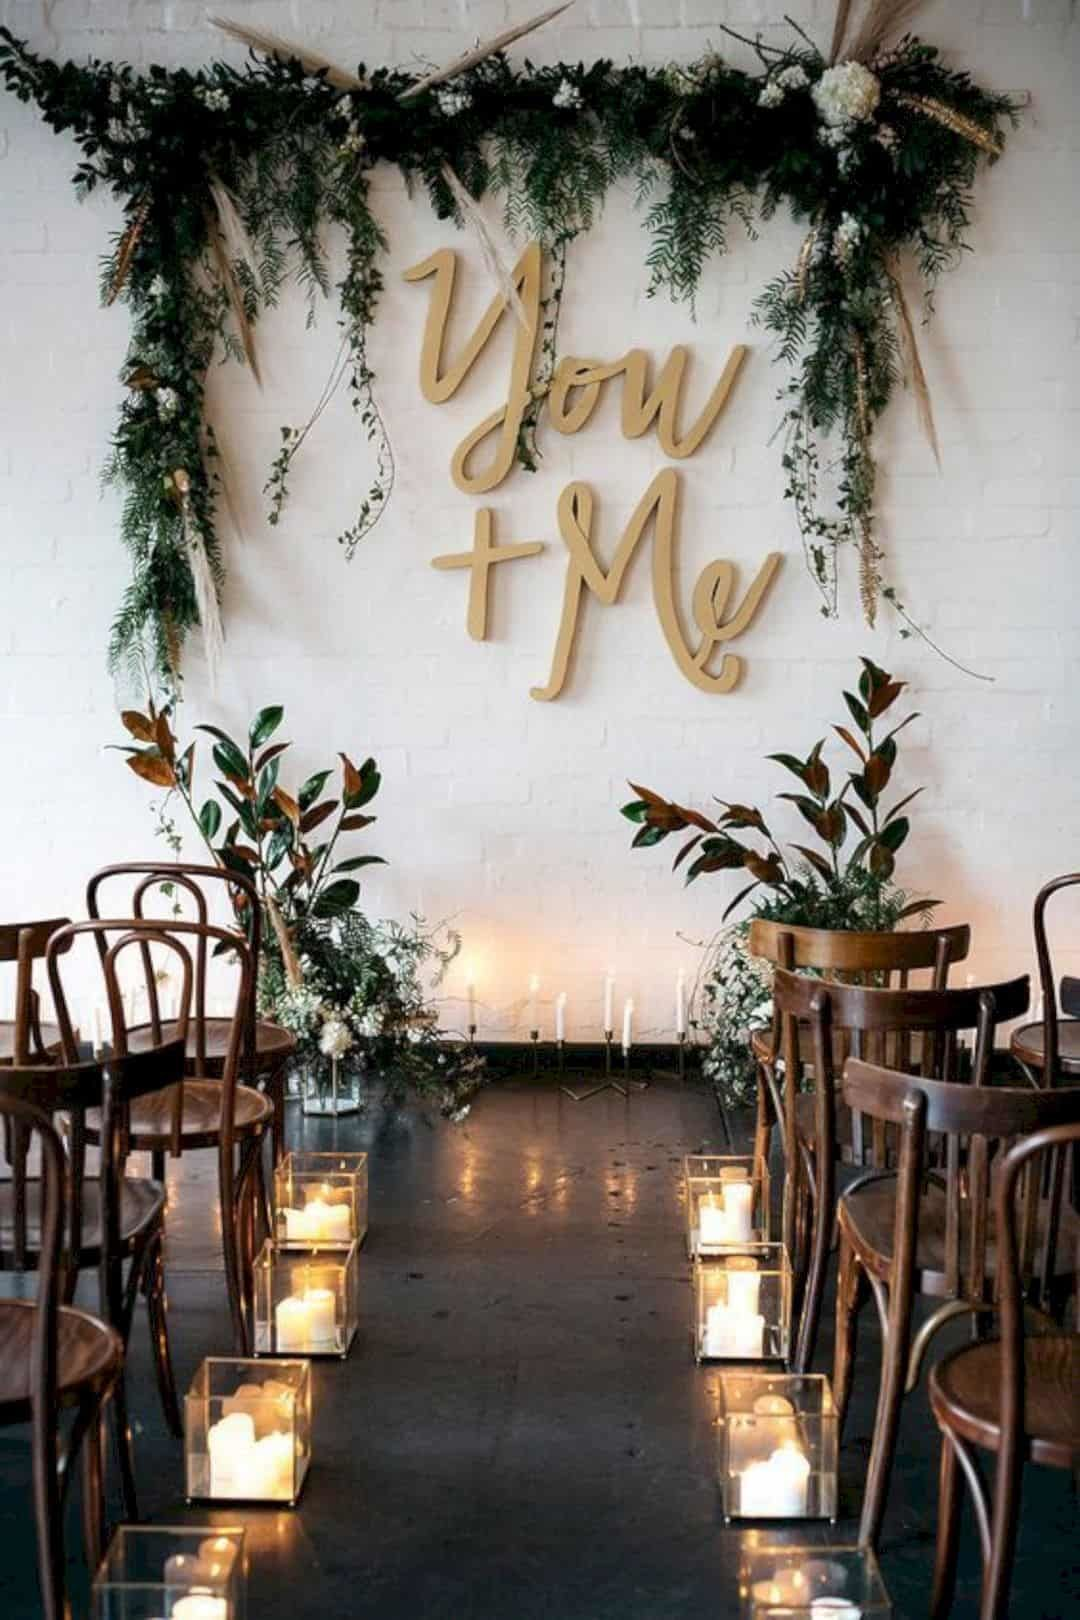 7 Hal yang Harus Ada di Pernikahan Khusus Millennial